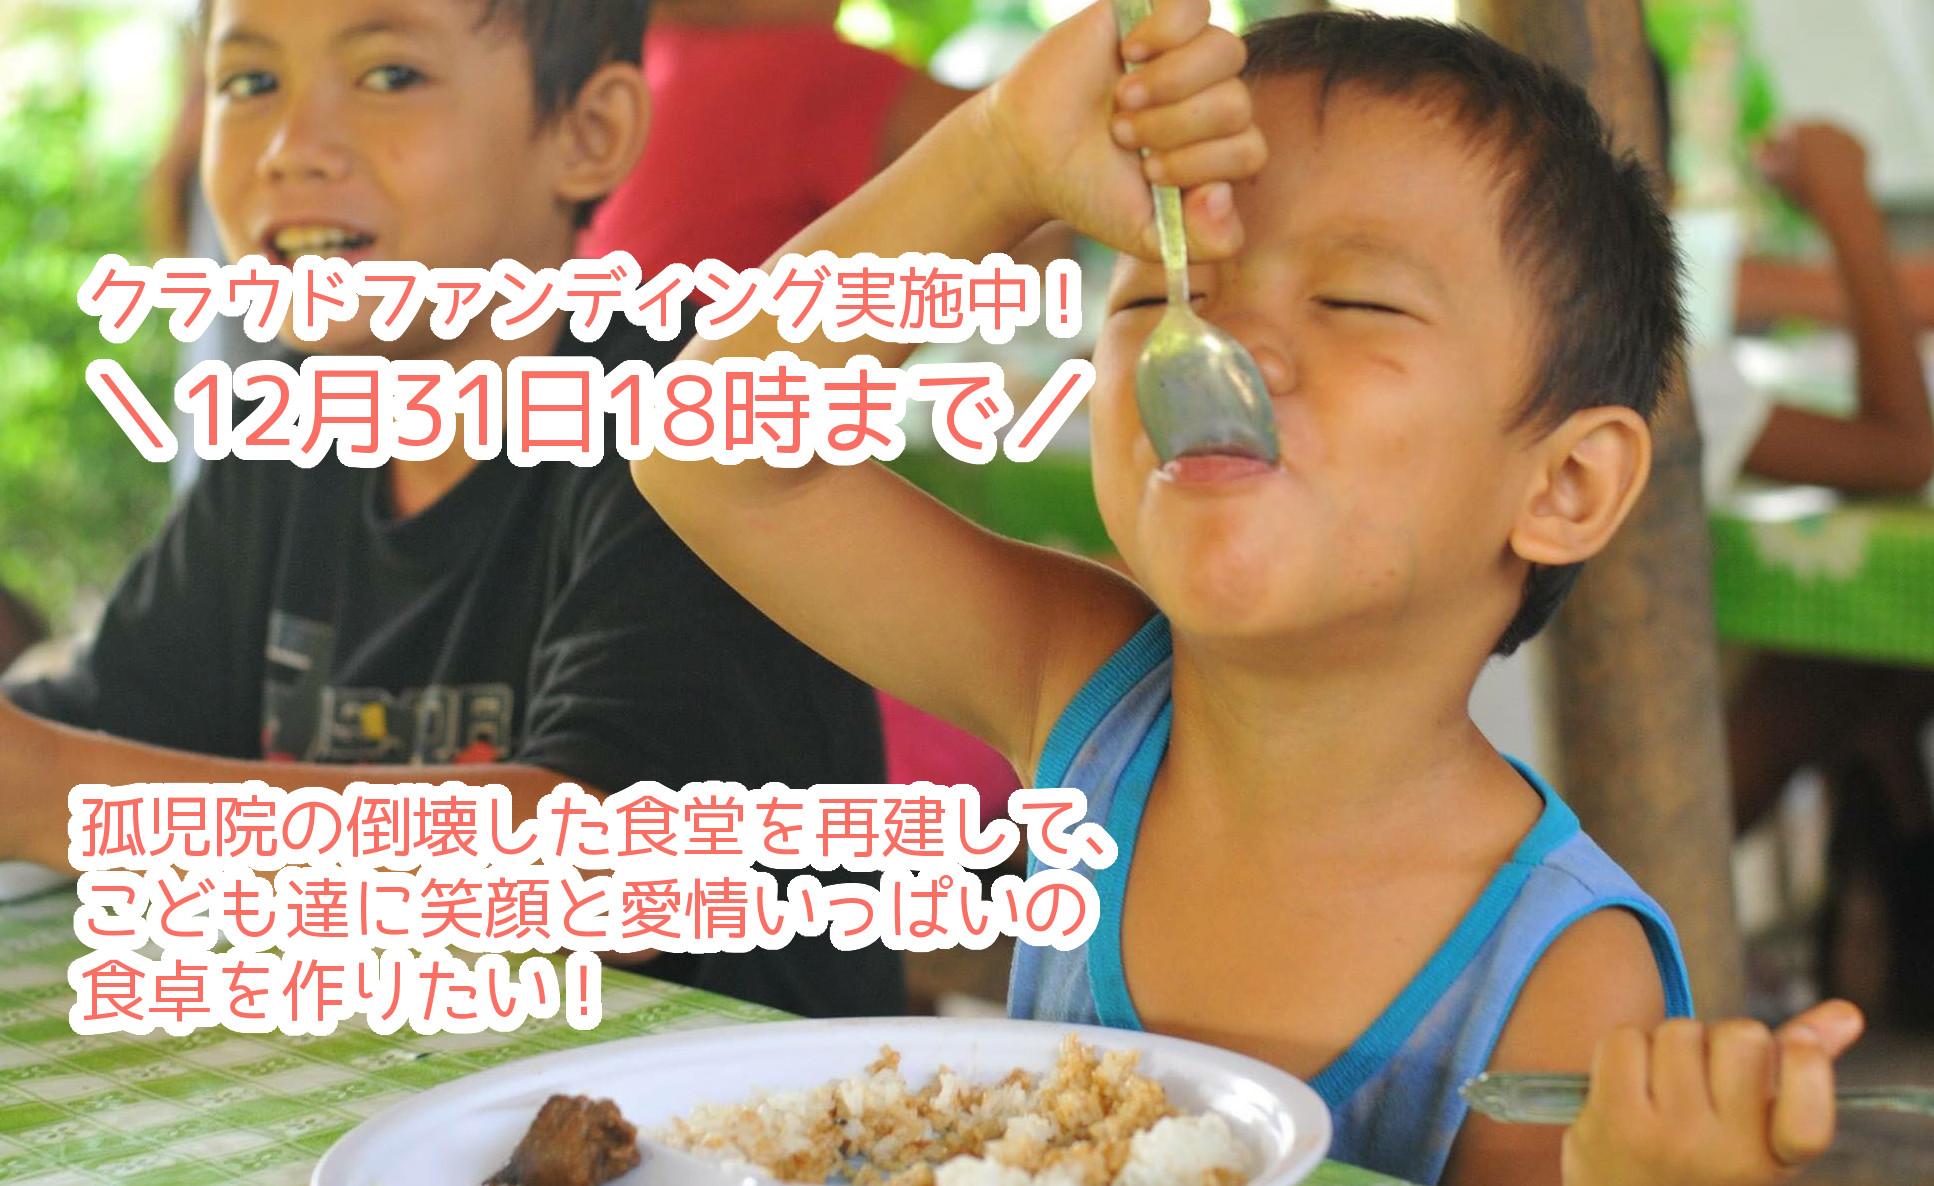 孤児院の倒壊した食堂を再建して、 こども達に笑顔と愛情いっぱいの 食卓を作りたい!